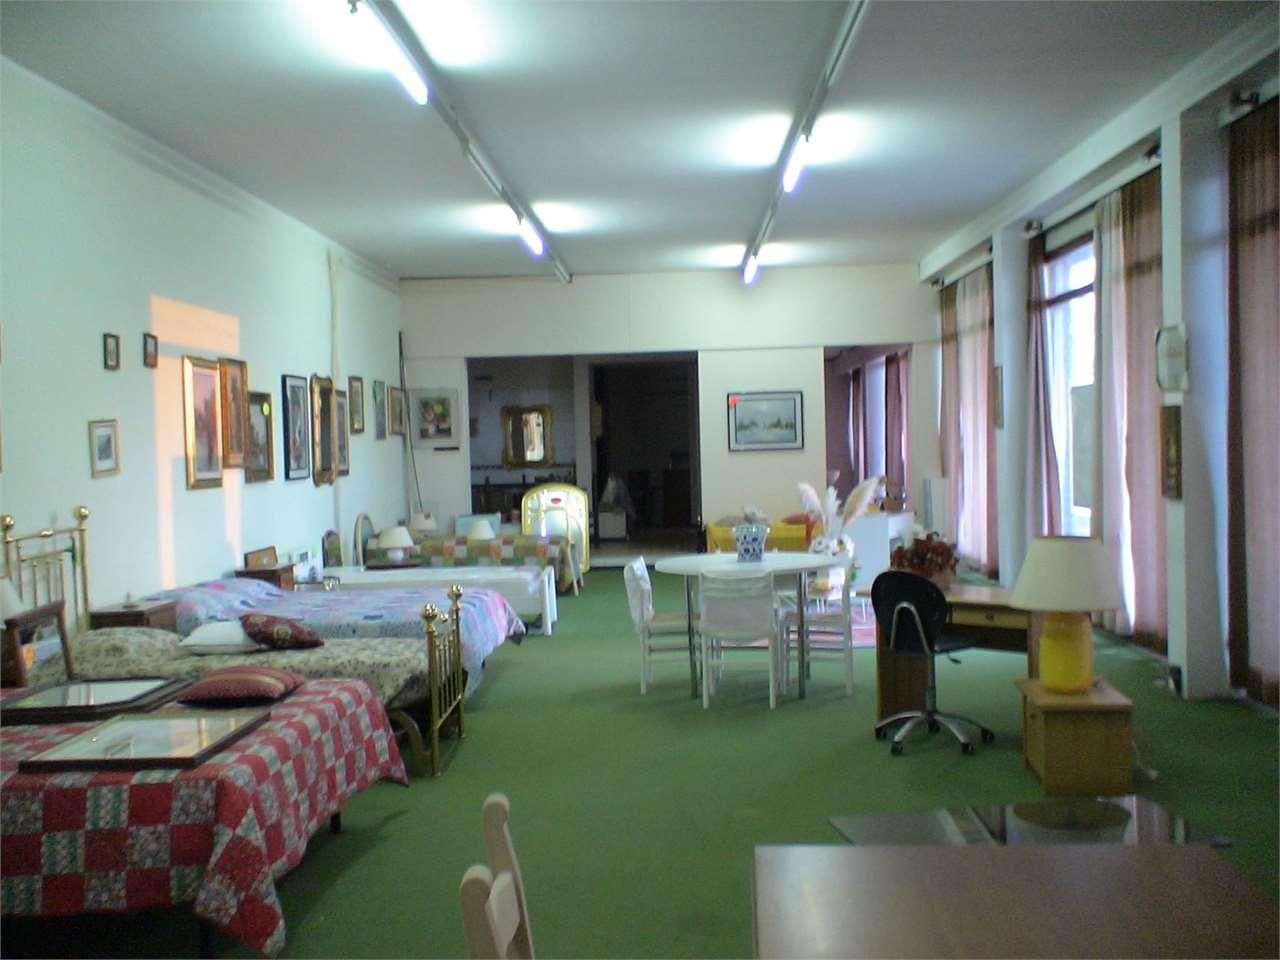 Negozio / Locale in vendita a Montechiarugolo, 3 locali, zona Località: Basilicanova, Trattative riservate | Cambio Casa.it